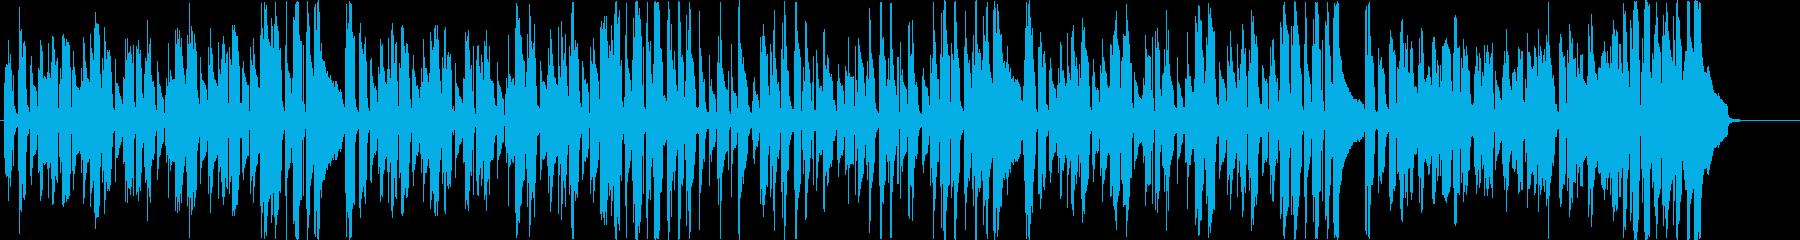 軽快な口笛とウクレレの再生済みの波形